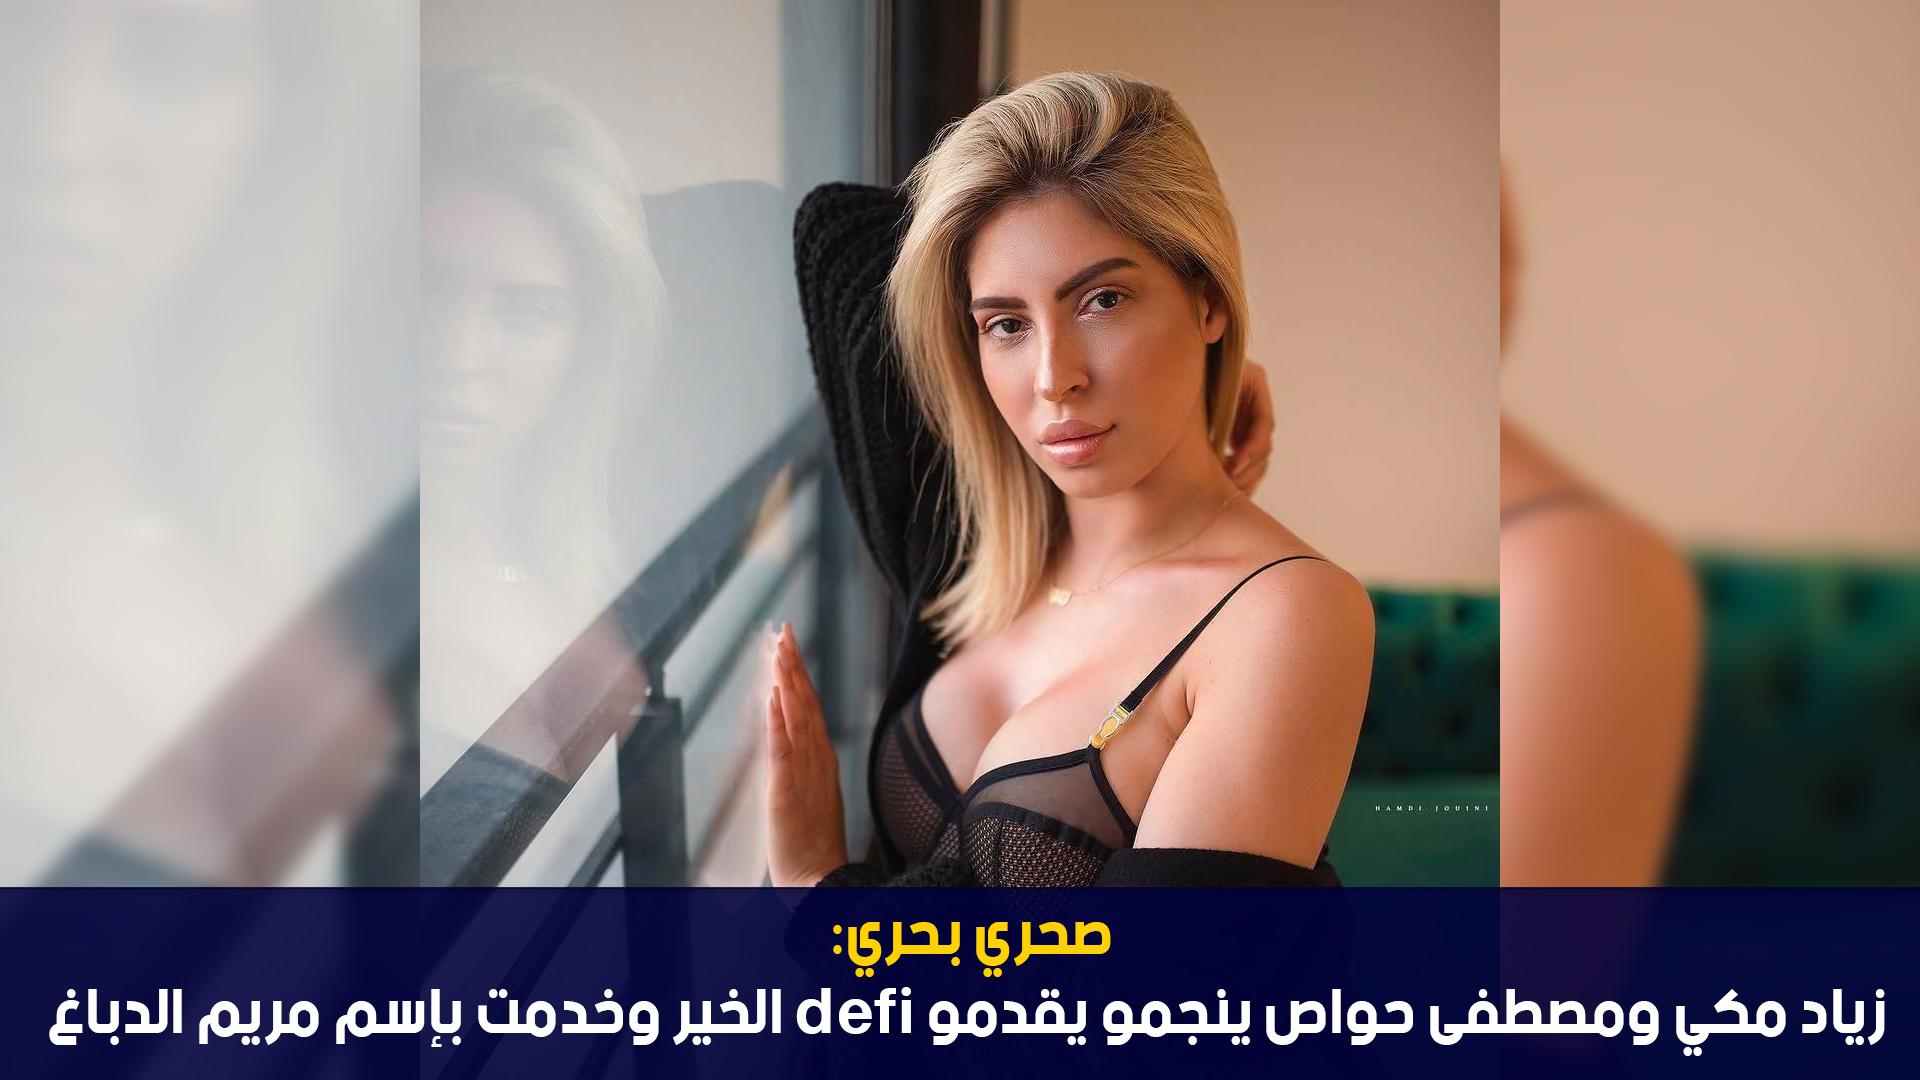 صحري بحري: زياد مكي ومصطفى حواص ينجمو يقدمو défi الخير وخدمت بإسم مريم الدباغ